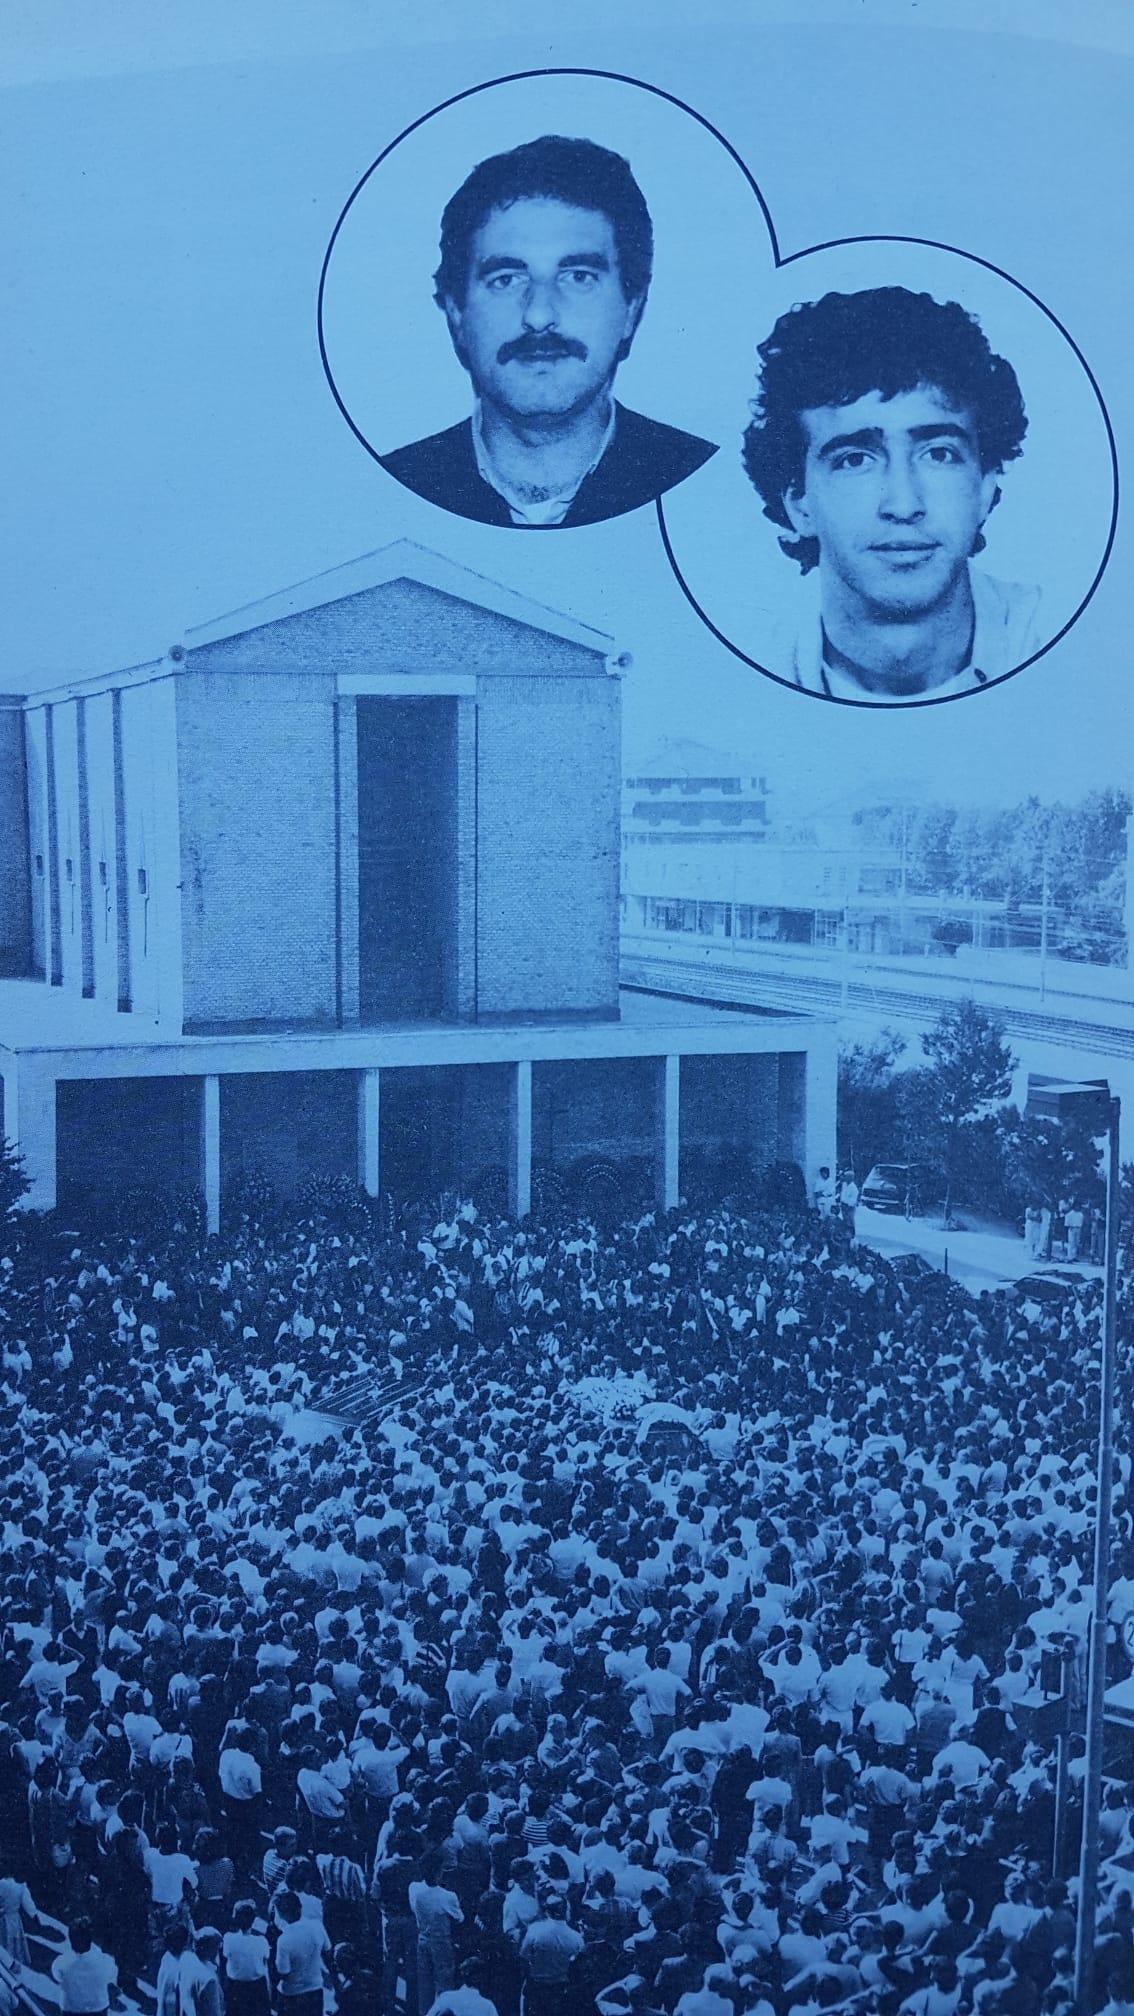 Il 29 maggio 1985: la strage dell'Heysel